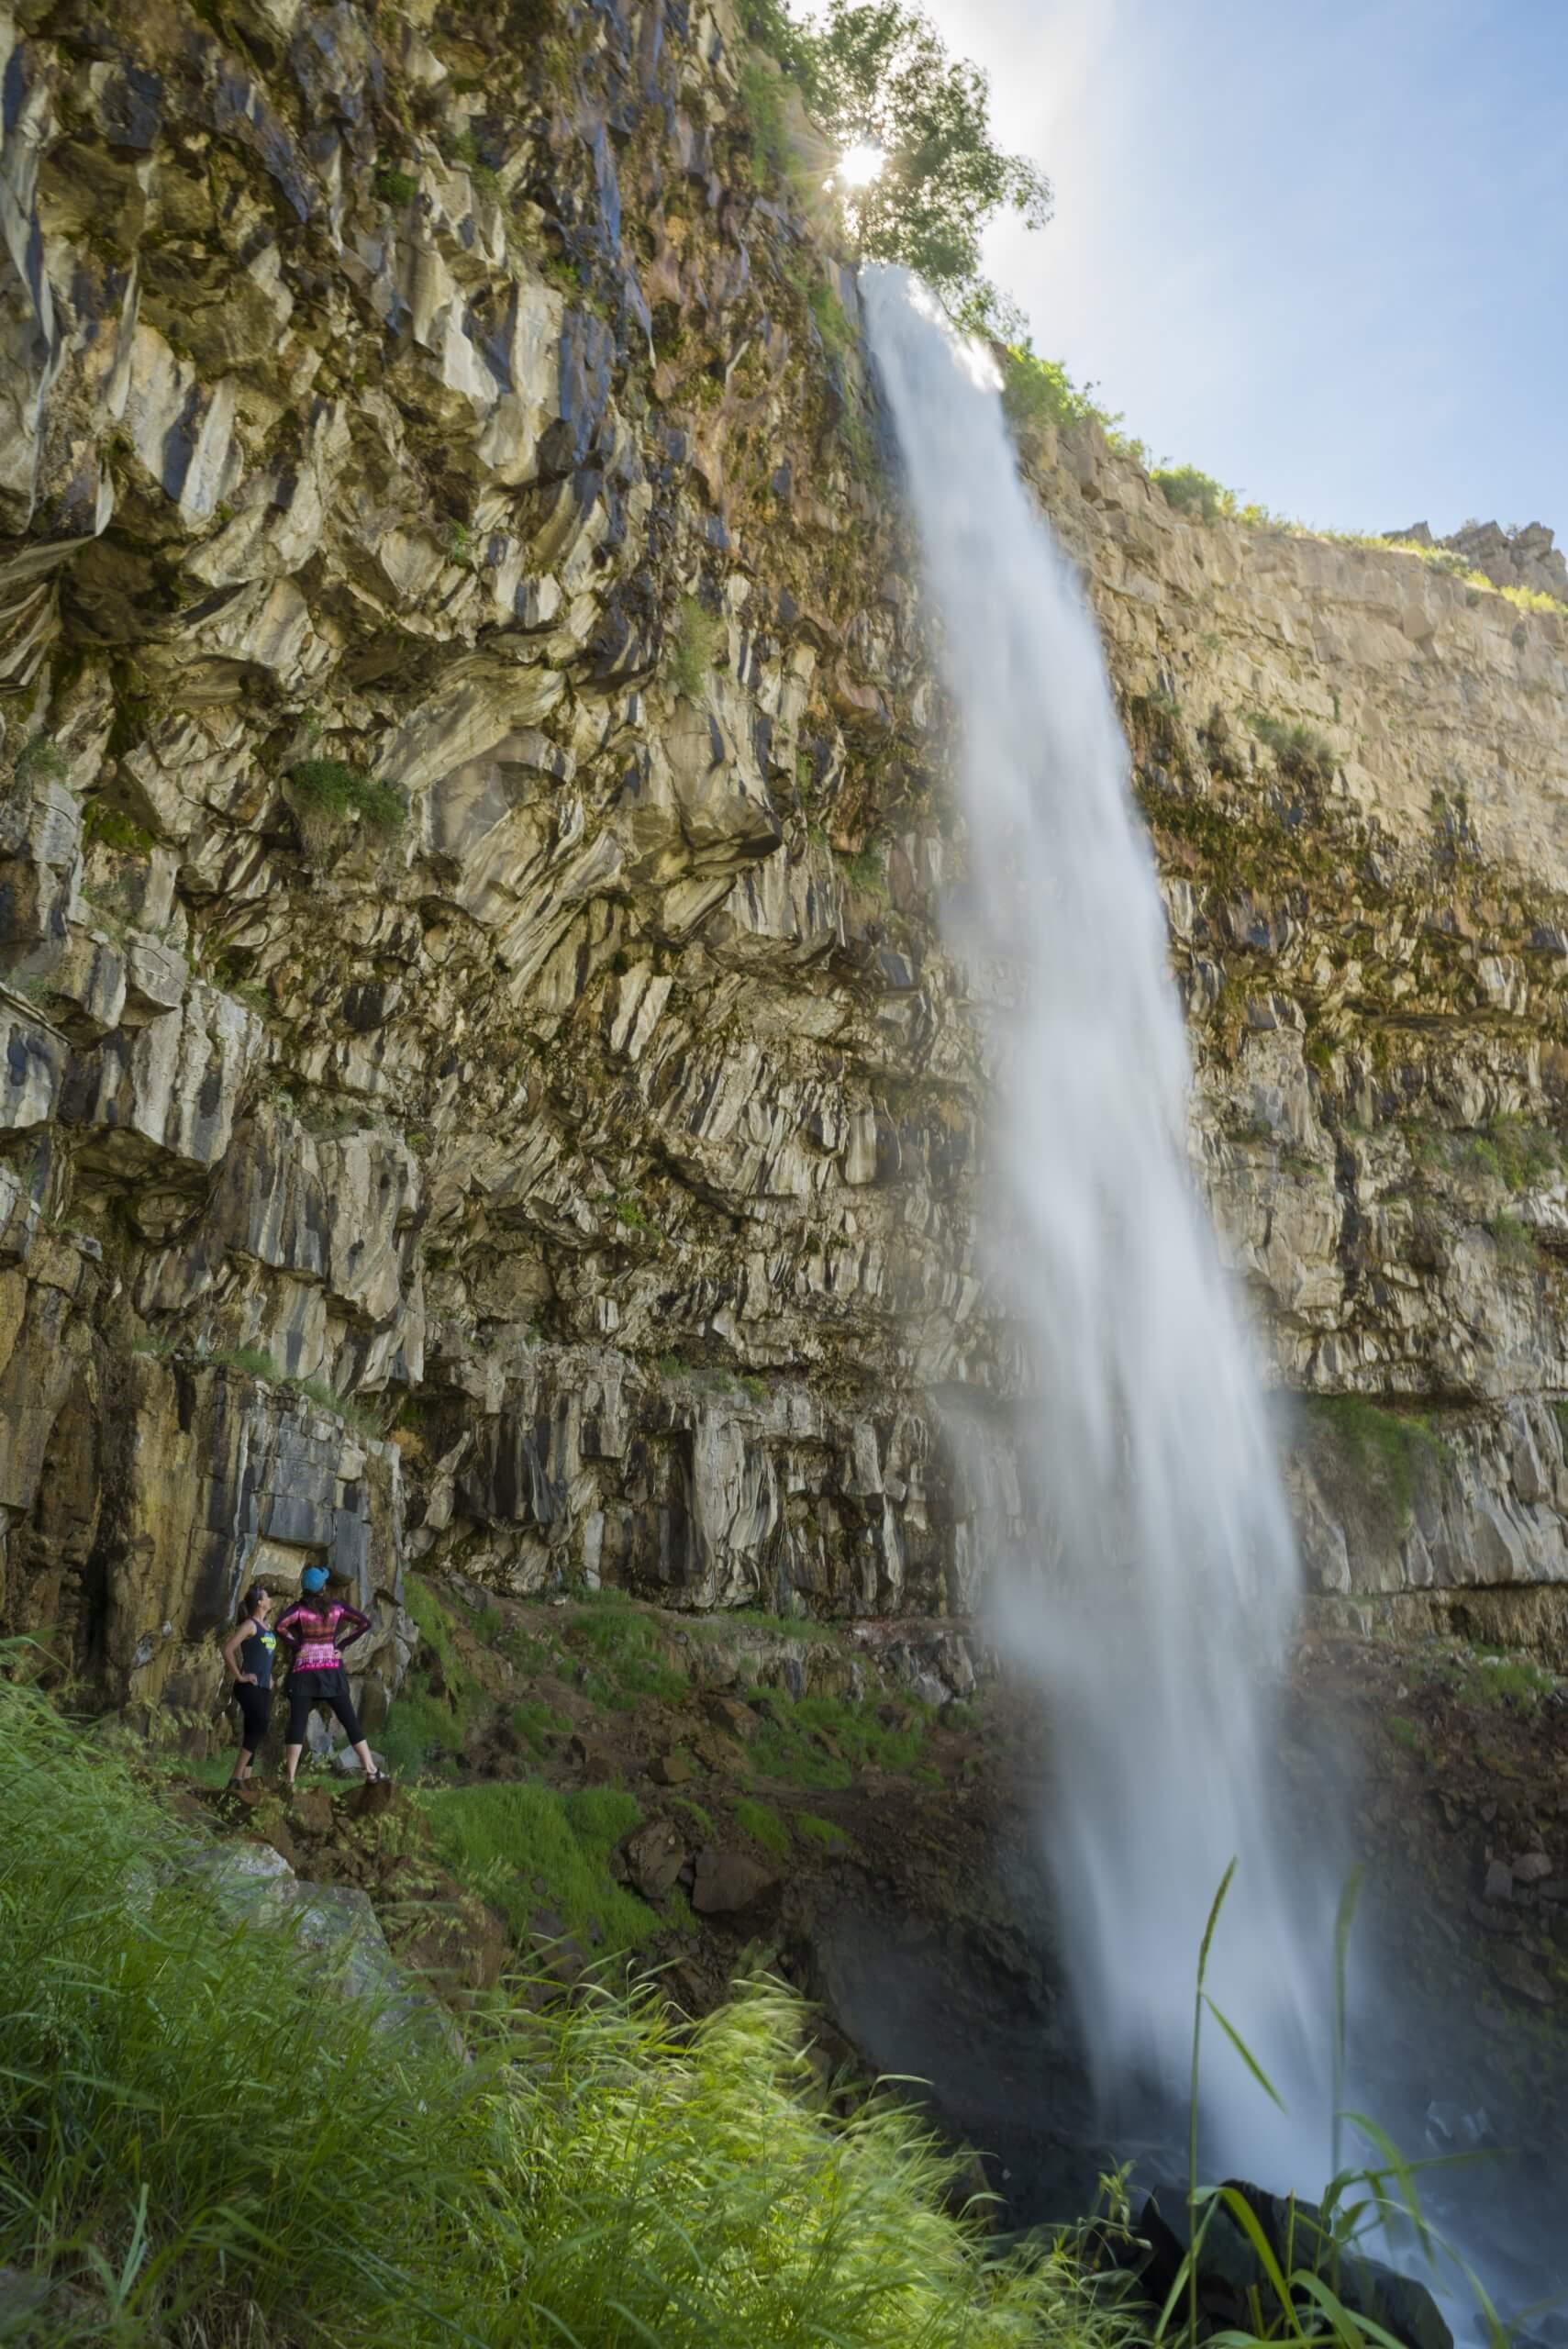 Hiking near Perrine Coulee Falls.